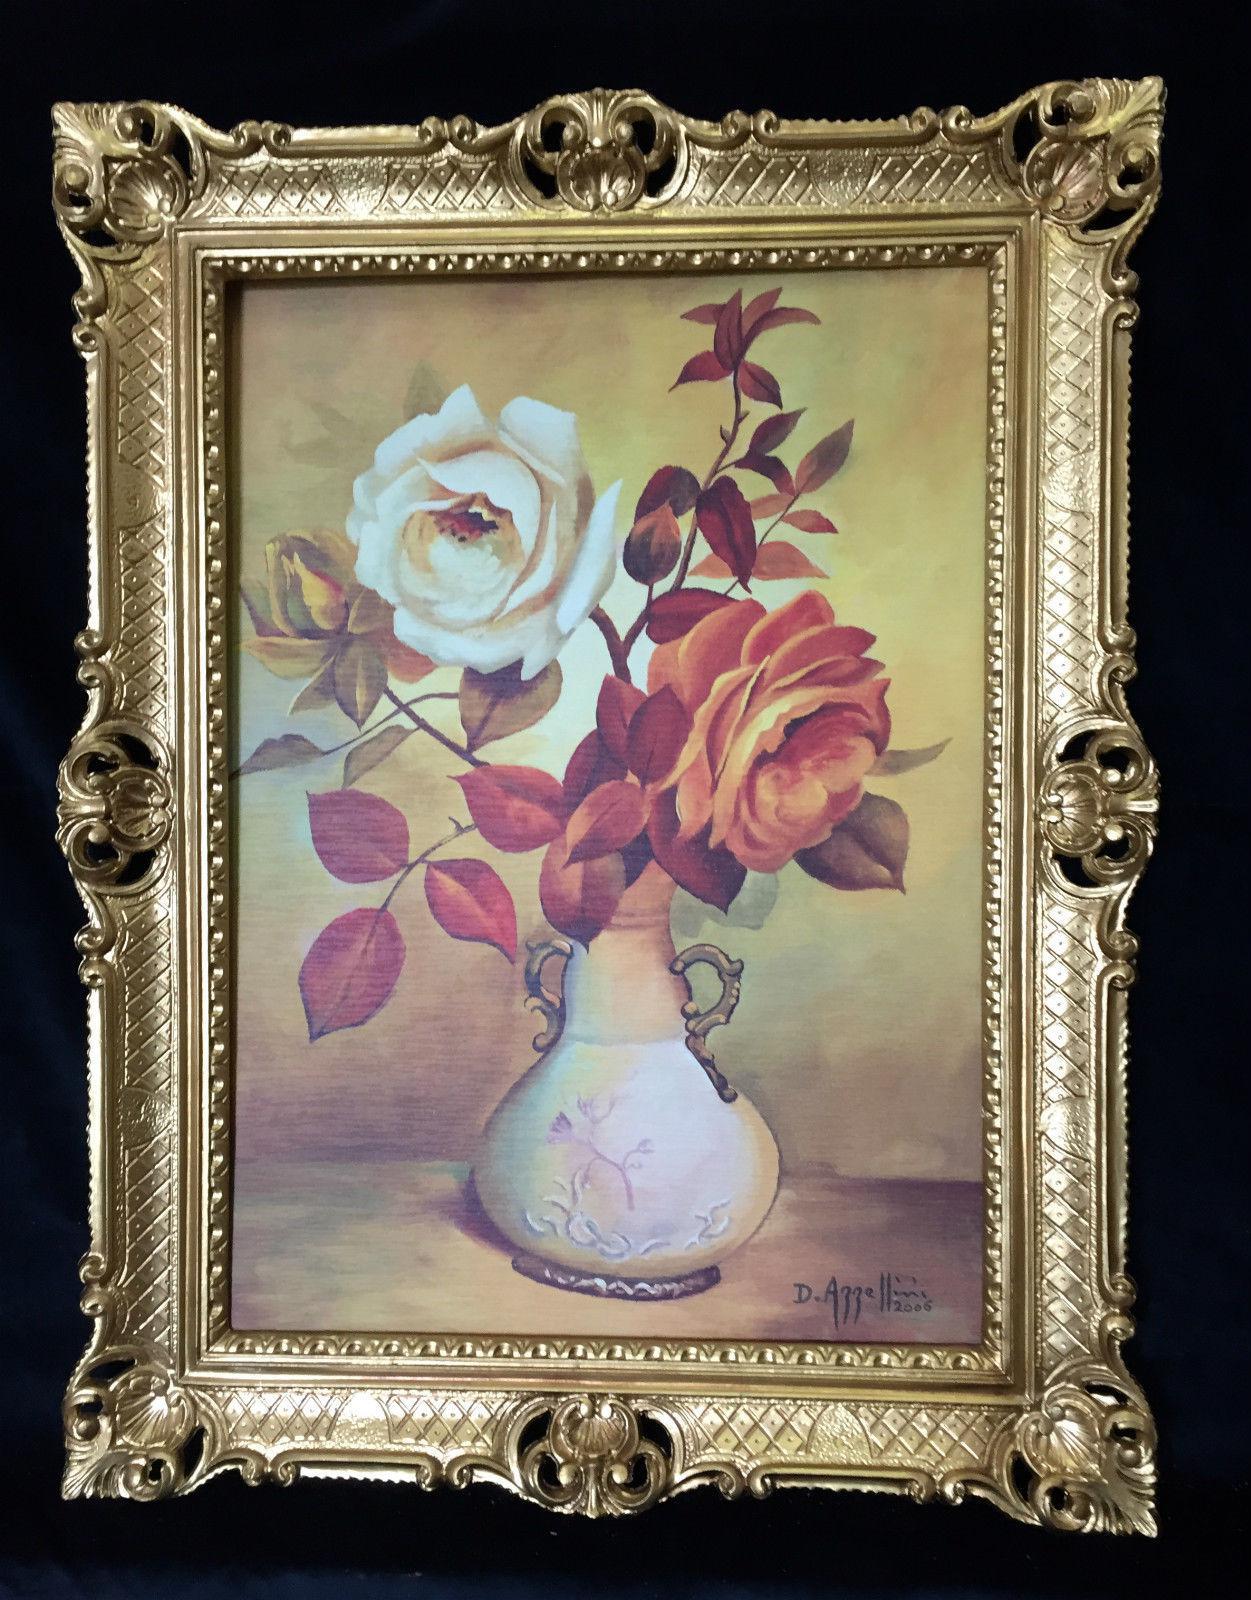 BLUMEN Rosen Bild 90 x 70 Bild mit Rahmen Rosen in Vase Gemälde ...